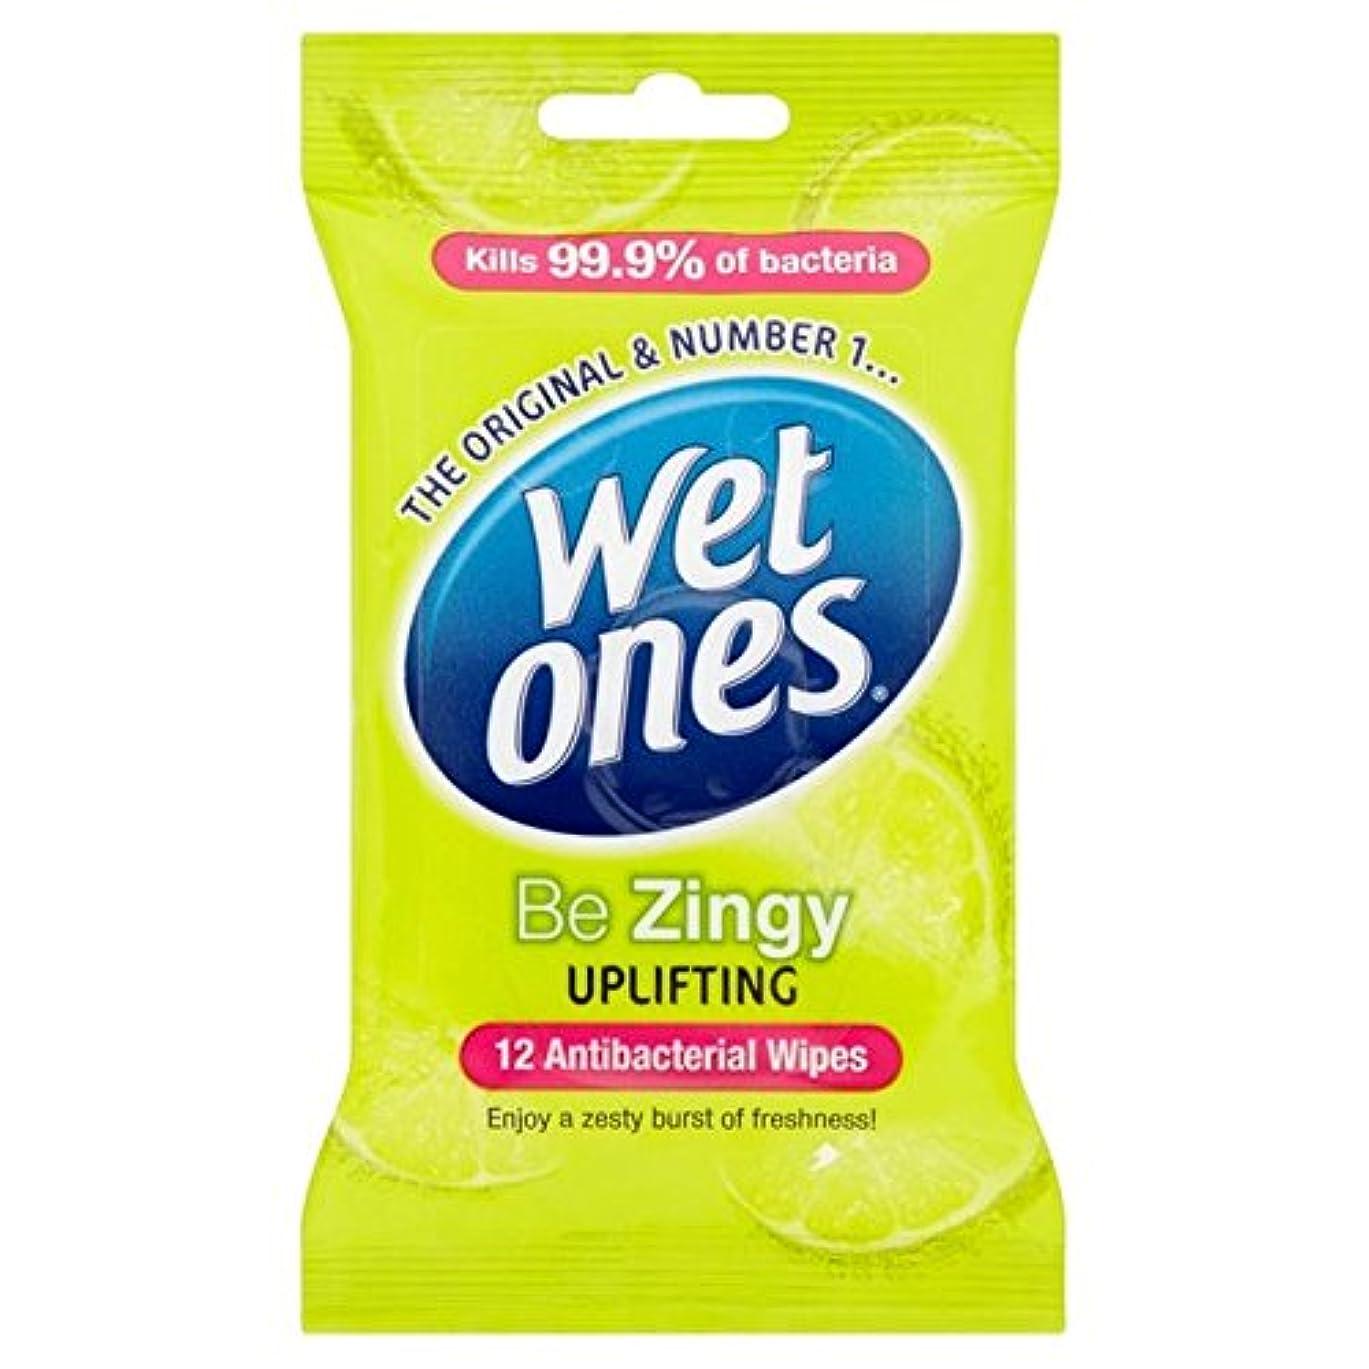 悩む声を出して回転する抗バクテリアをクレンジング湿ったものはパックごとに12ワイプ x2 - Wet Ones Cleansing Anti Bacterial Wipes 12 per pack (Pack of 2) [並行輸入品]